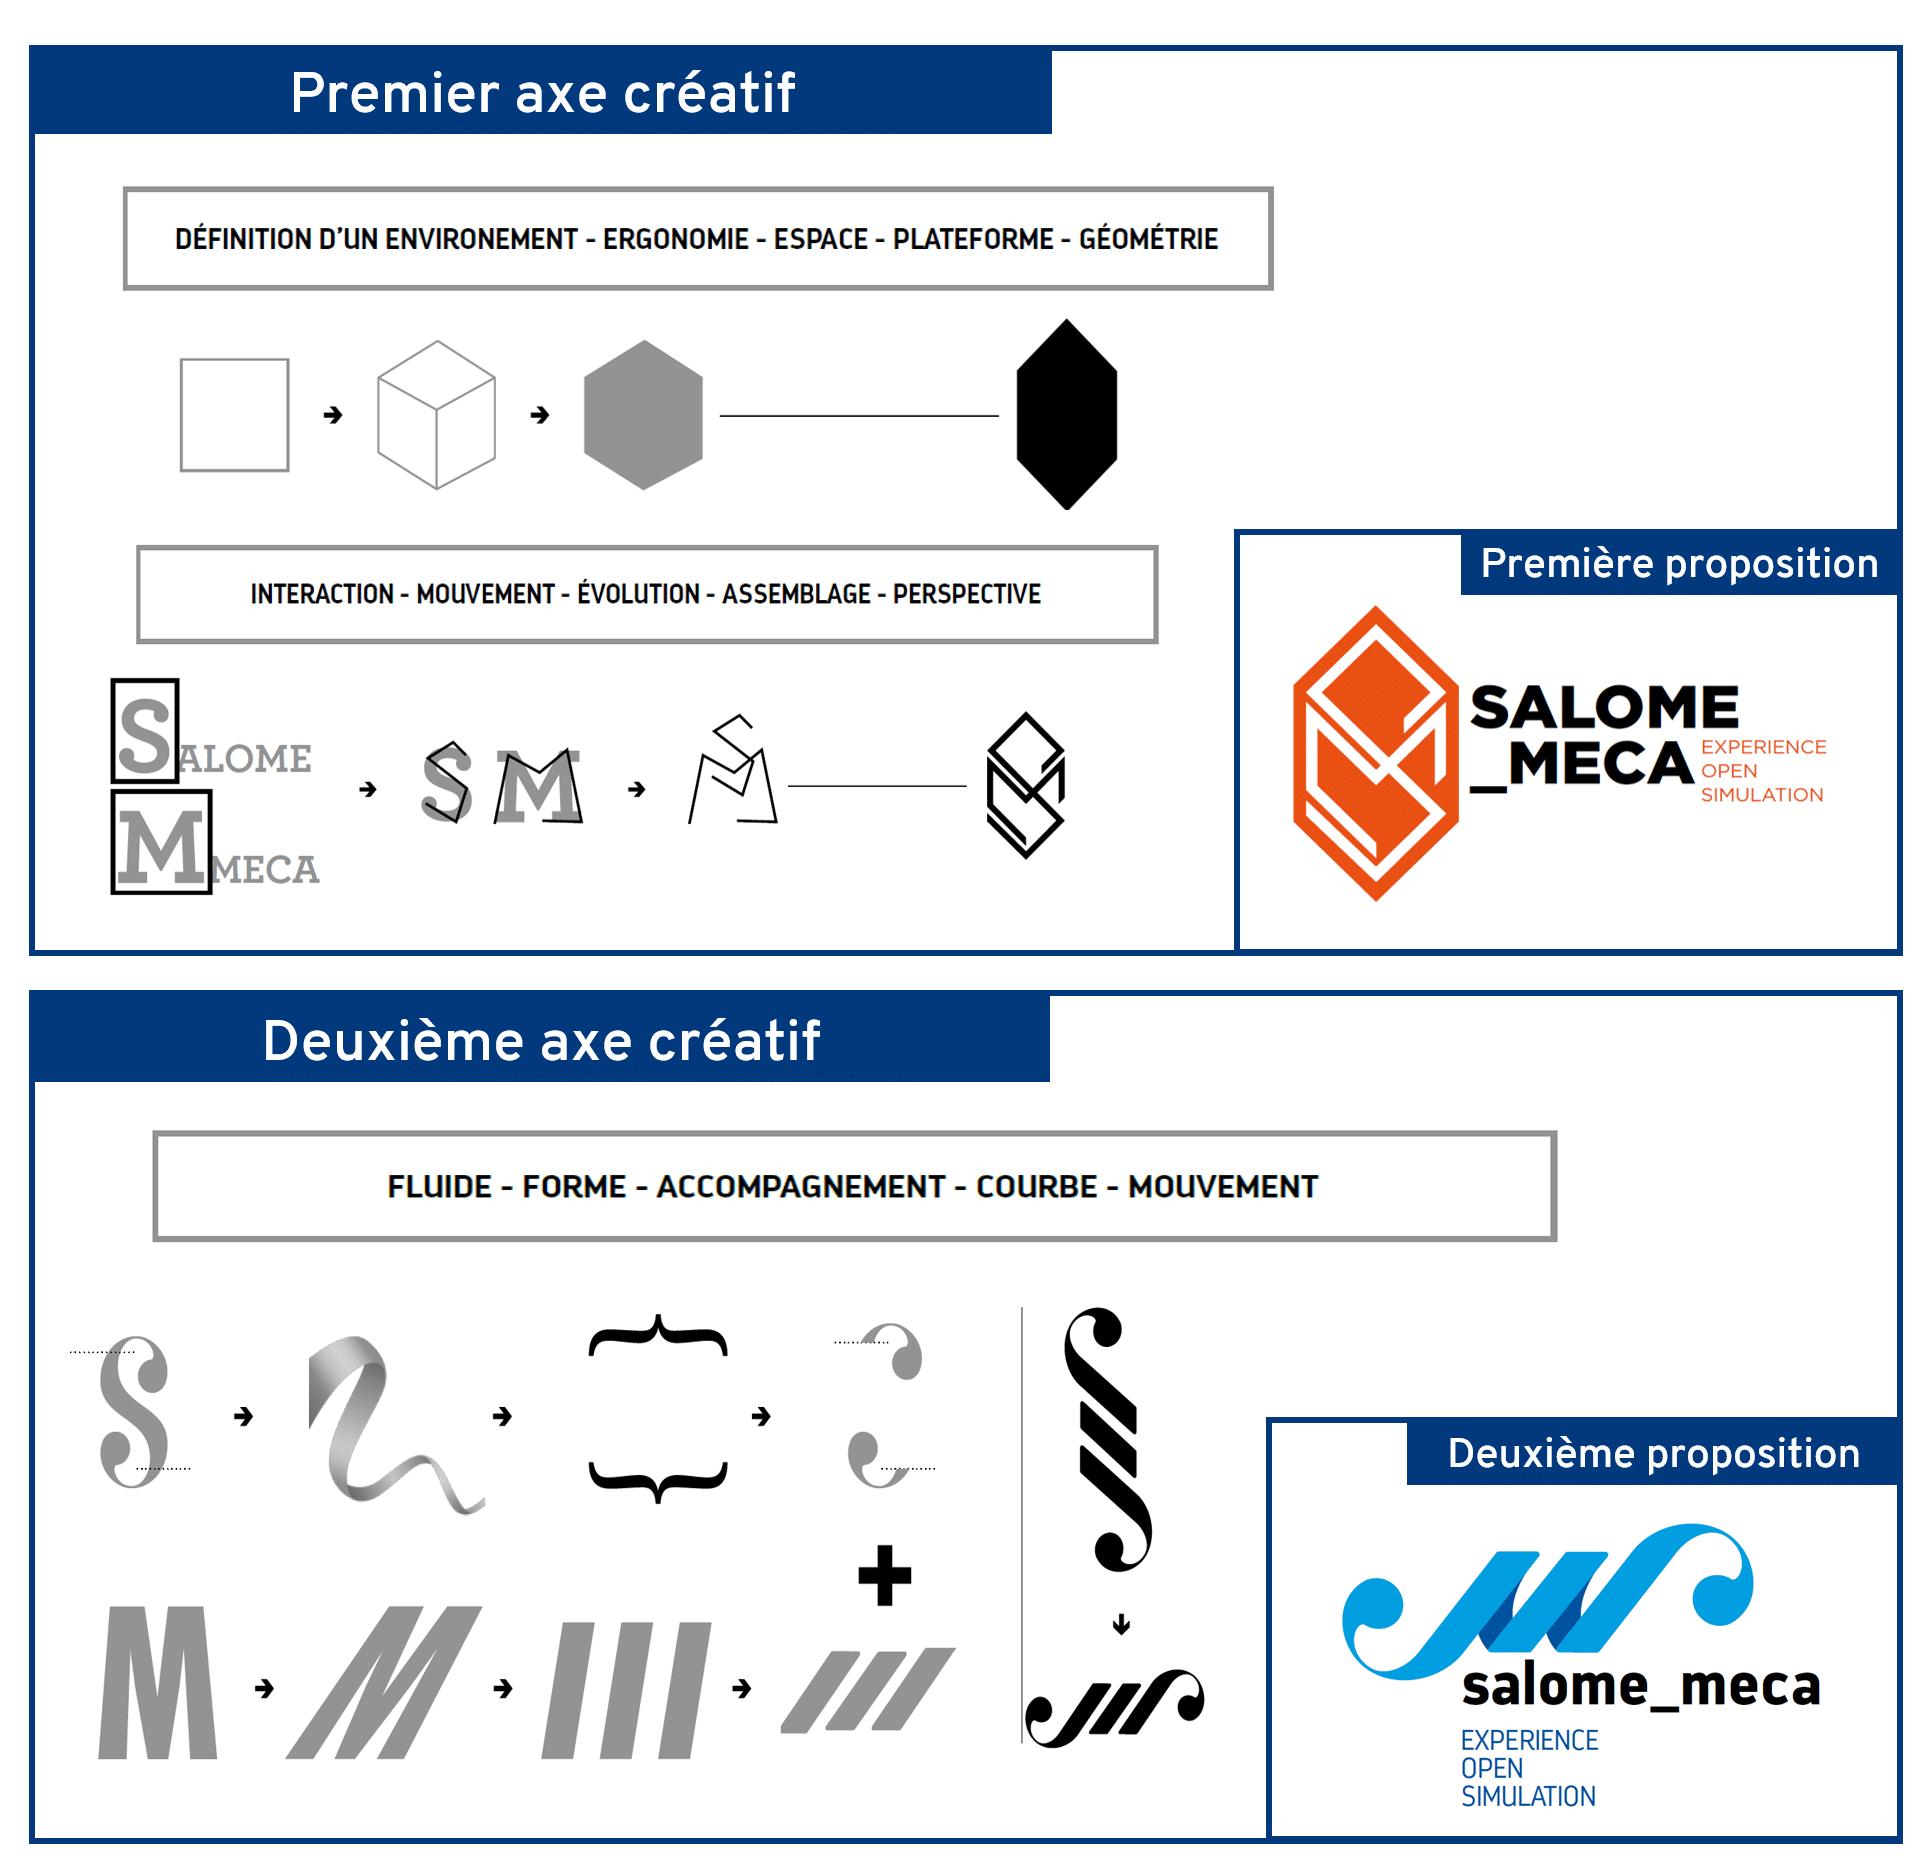 Différents axes créatifs pour créer le logo salome_meca